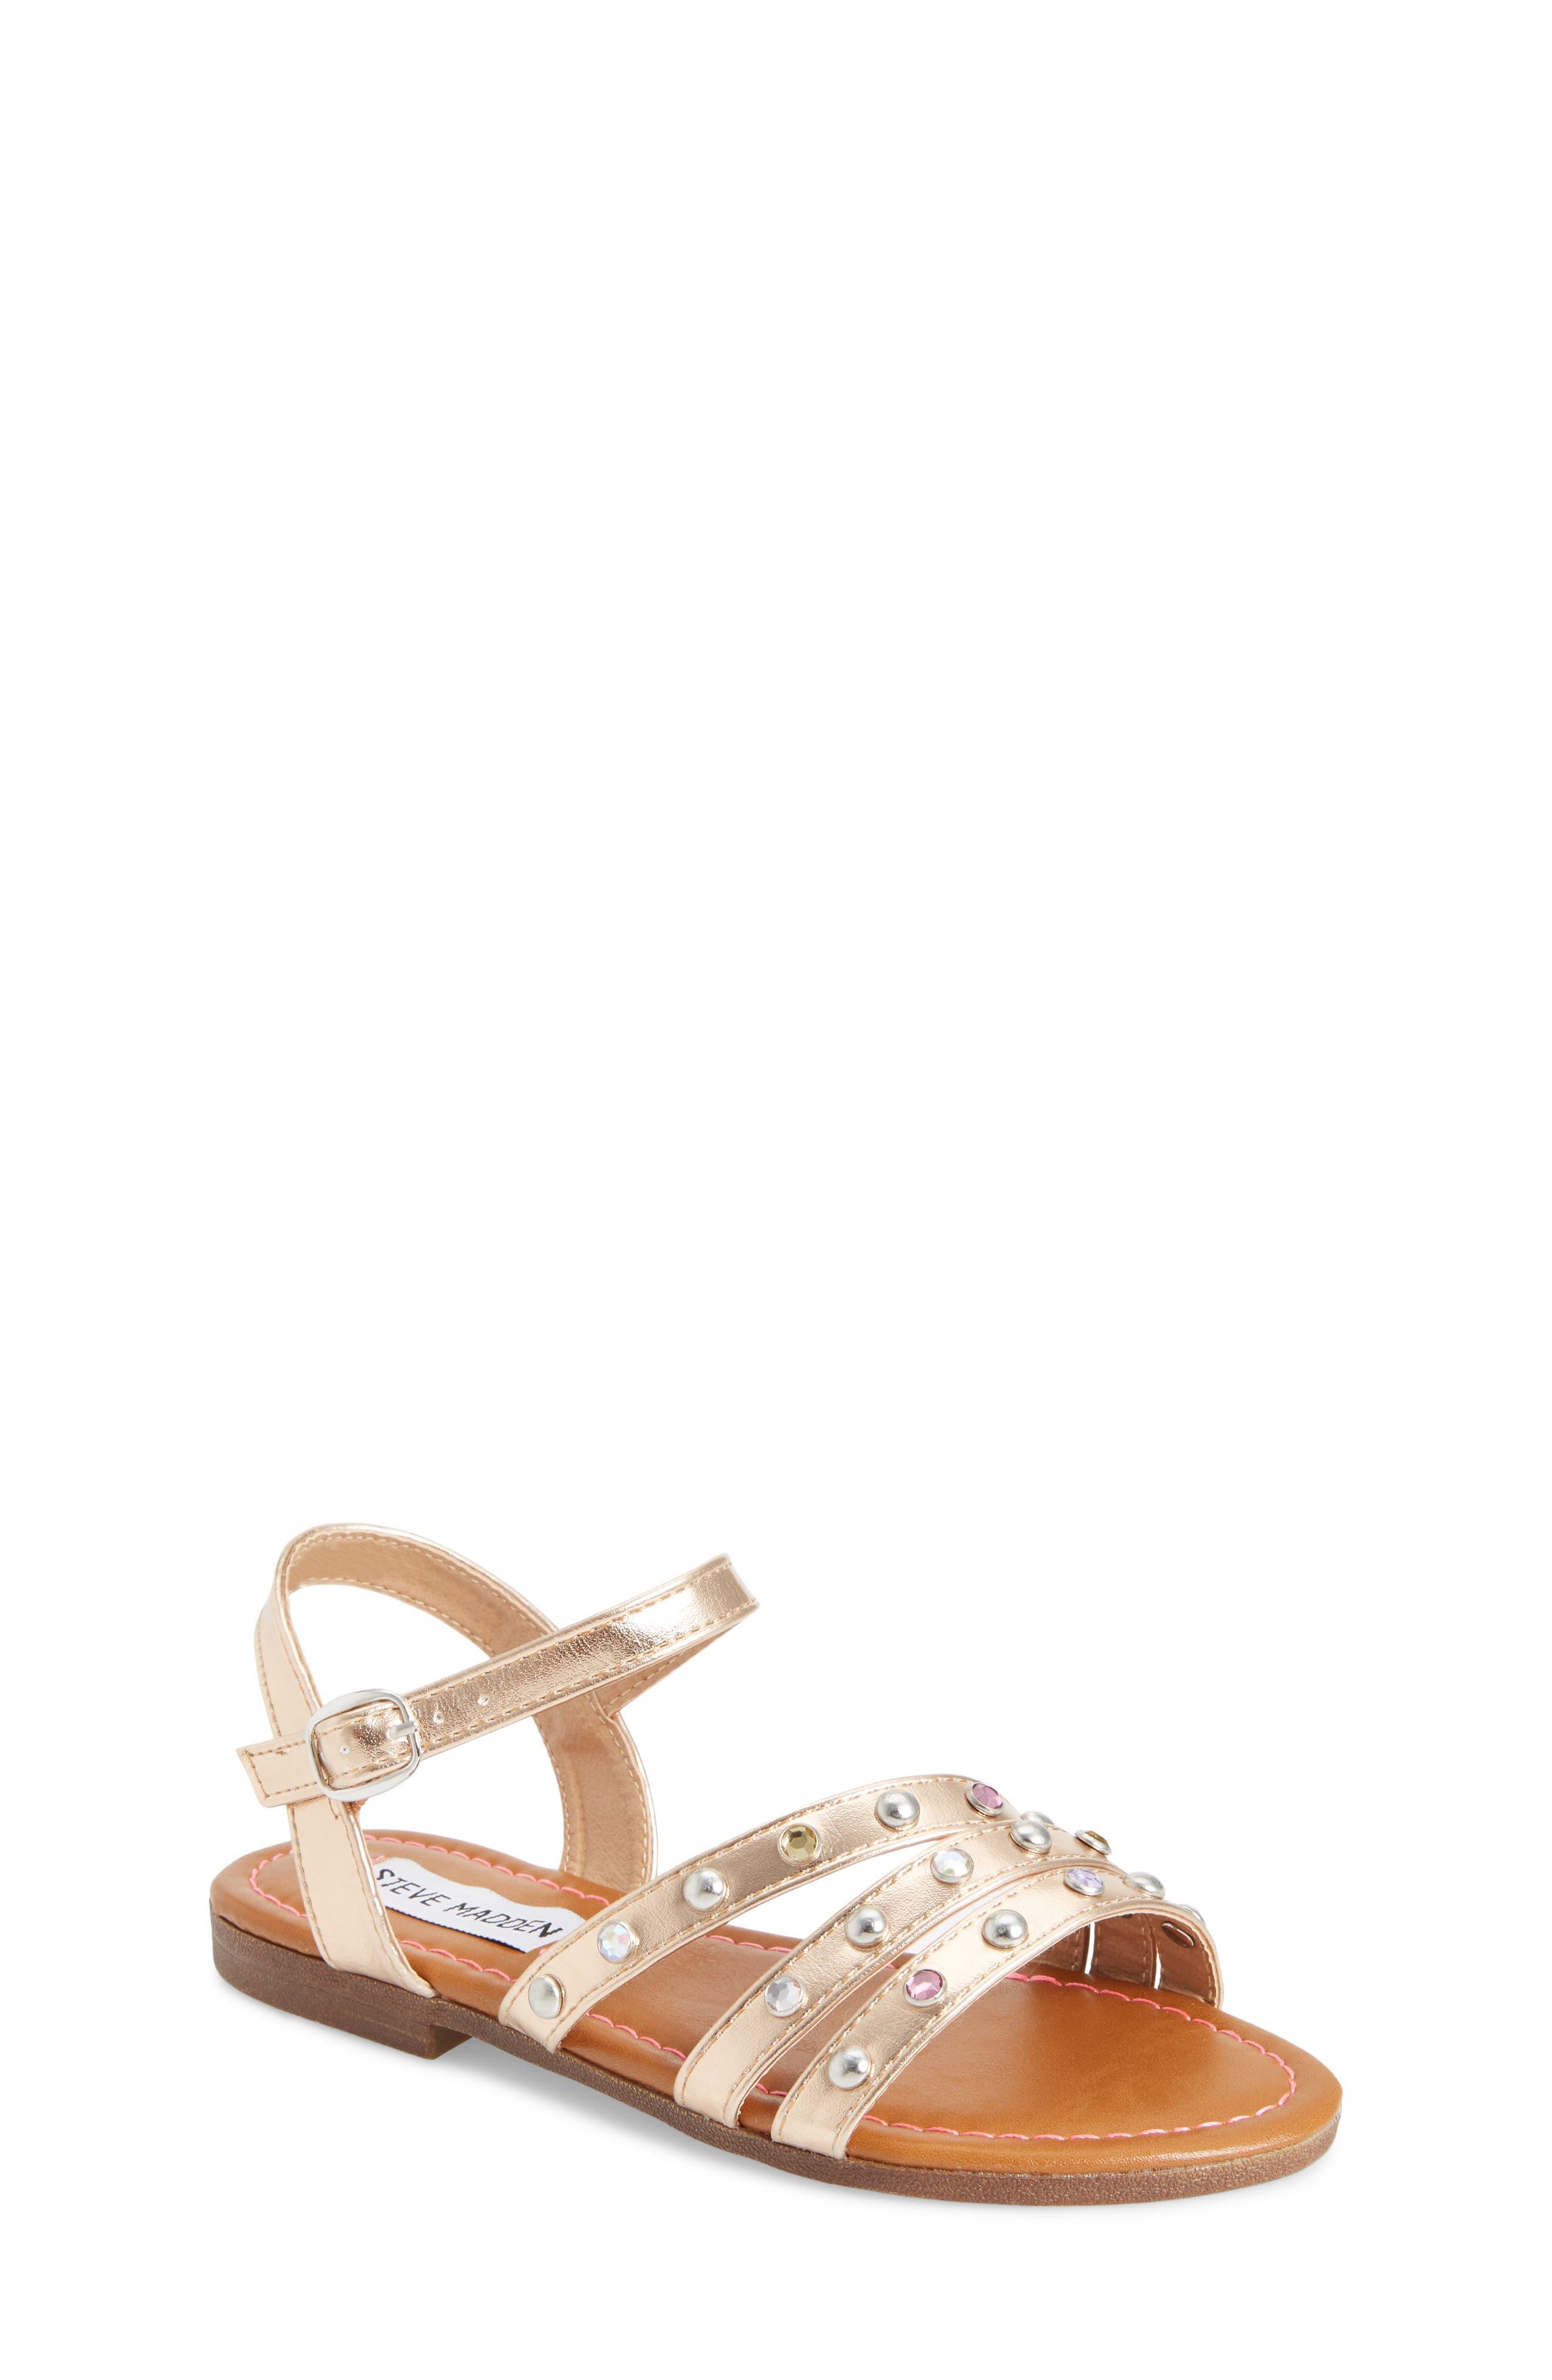 JSUNSET Crystal Embellished Sandal,                         Main,                         color, 712